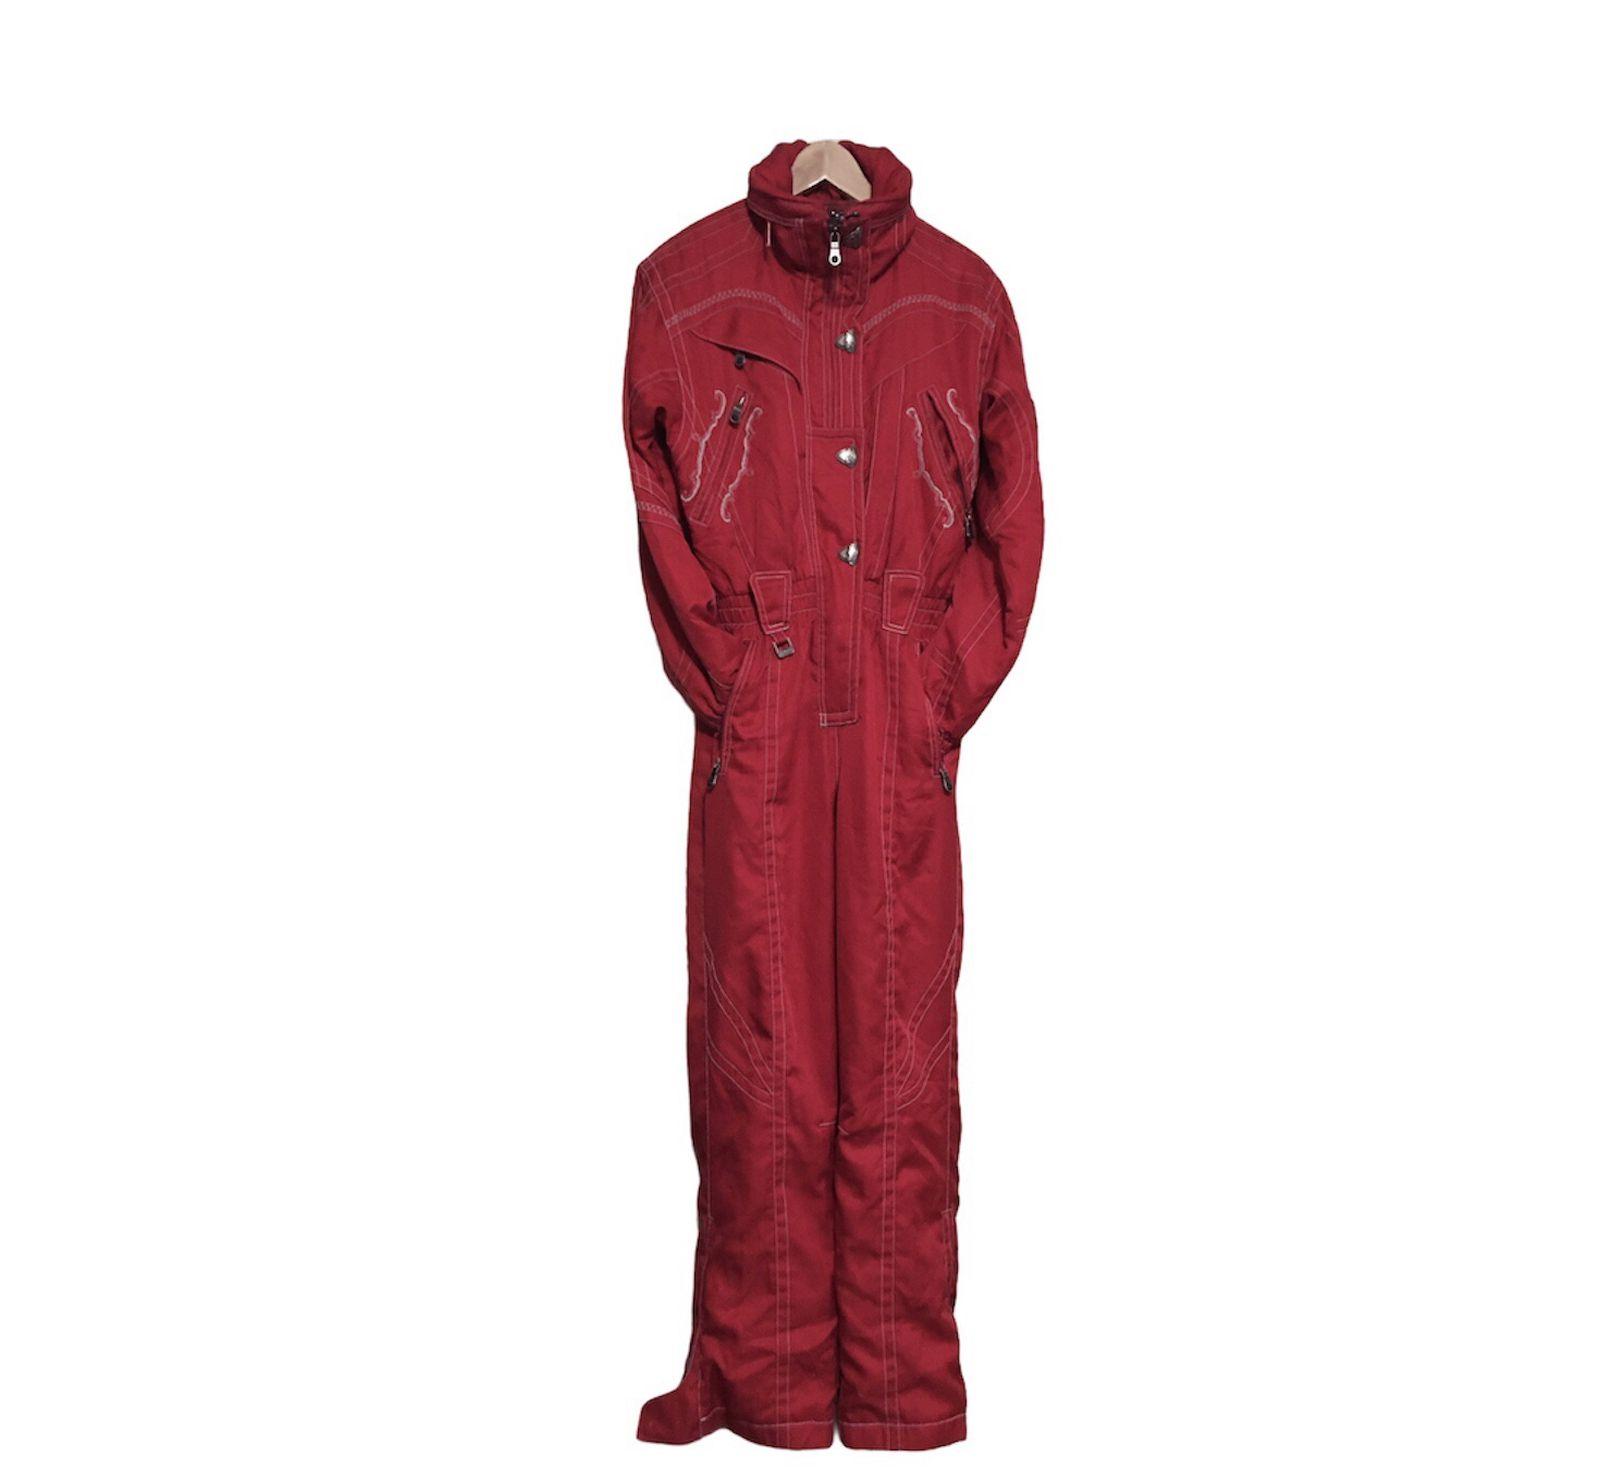 Spyder Women's Full Suit Snow/outdoor Gear Size 6